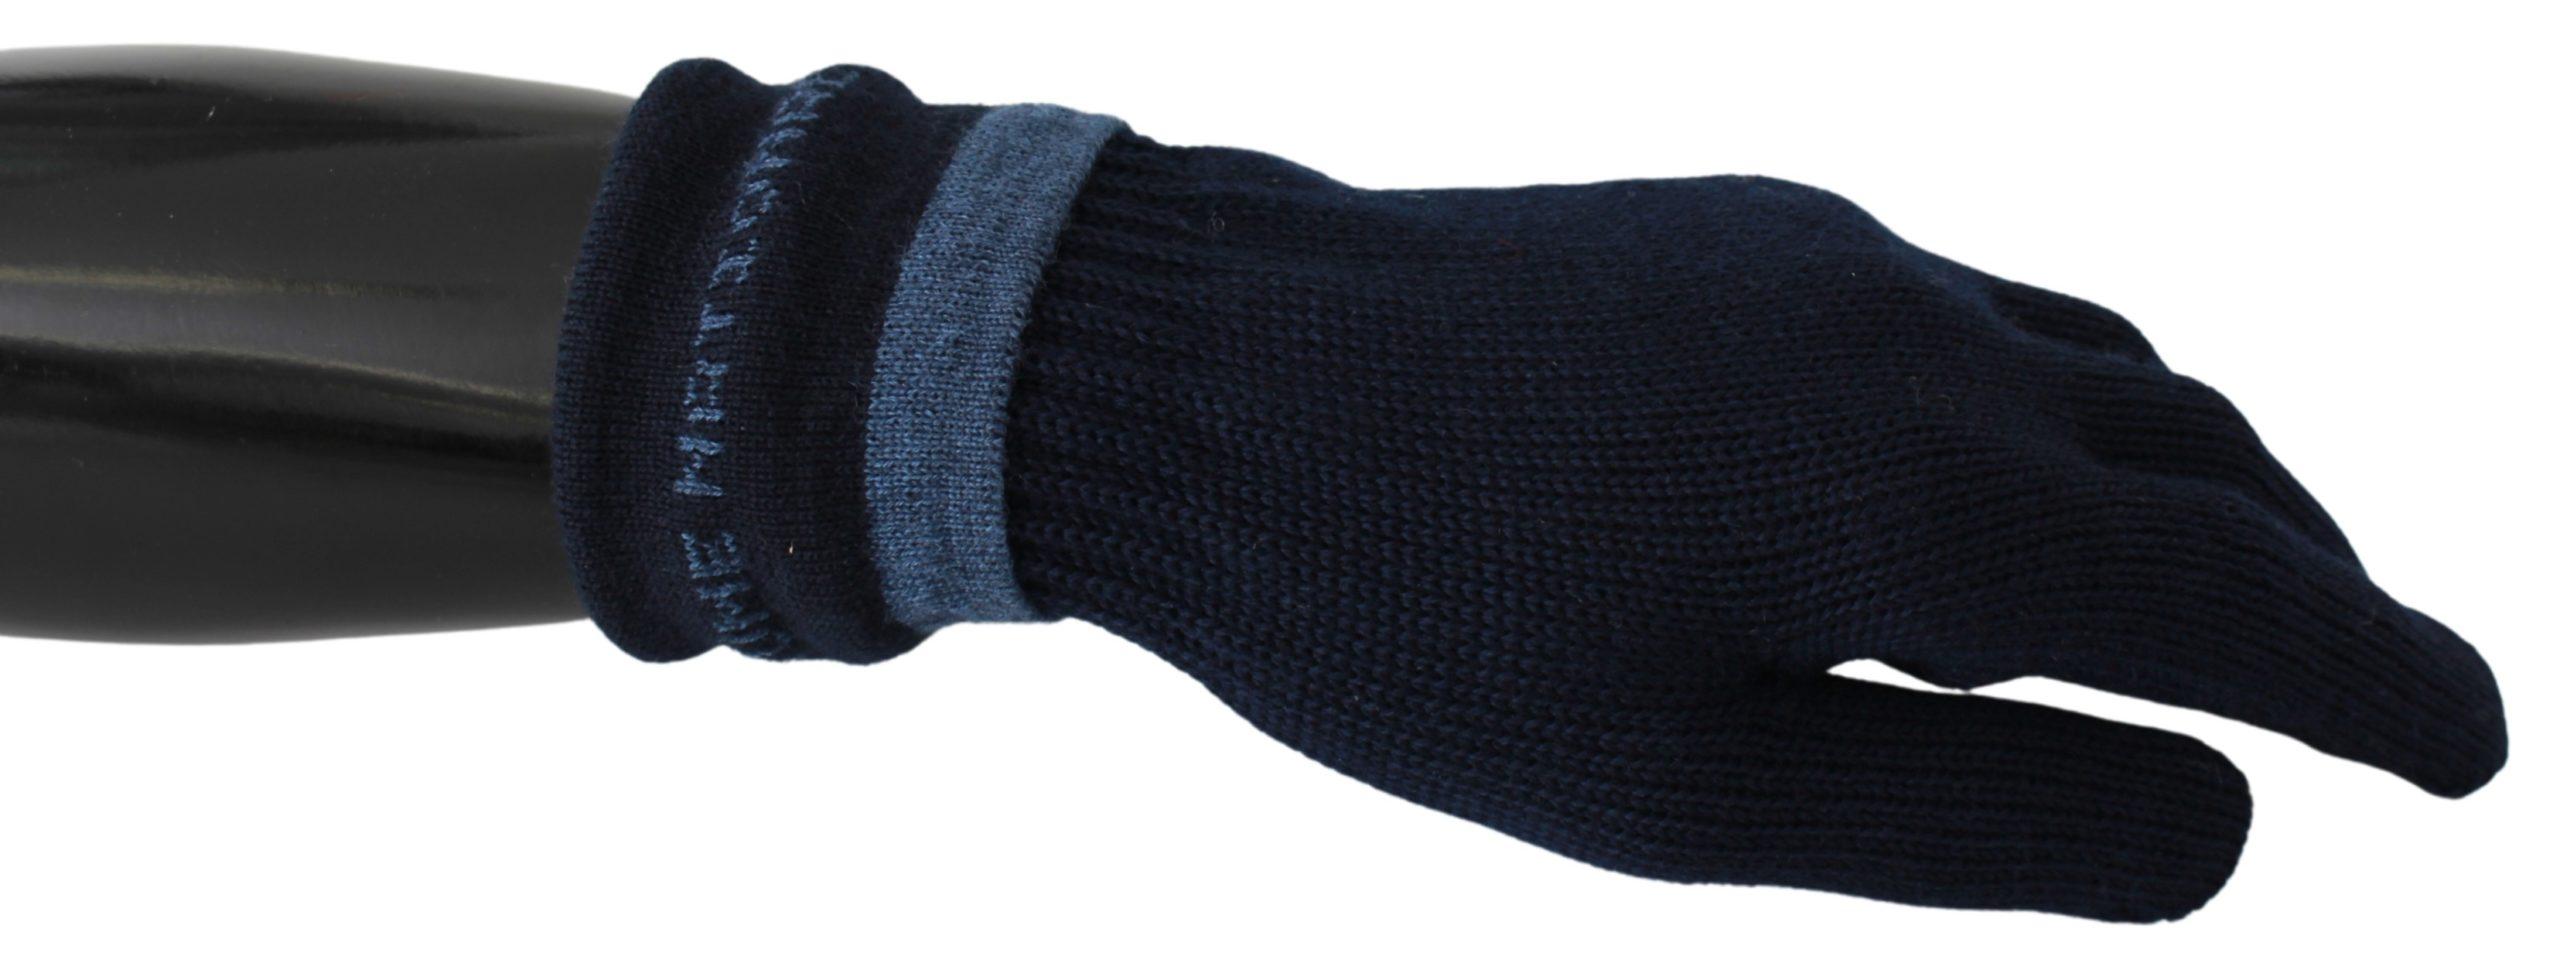 Costume National Men's Elastic Wrist Mitten Gloves Navy Blue LB1008BG